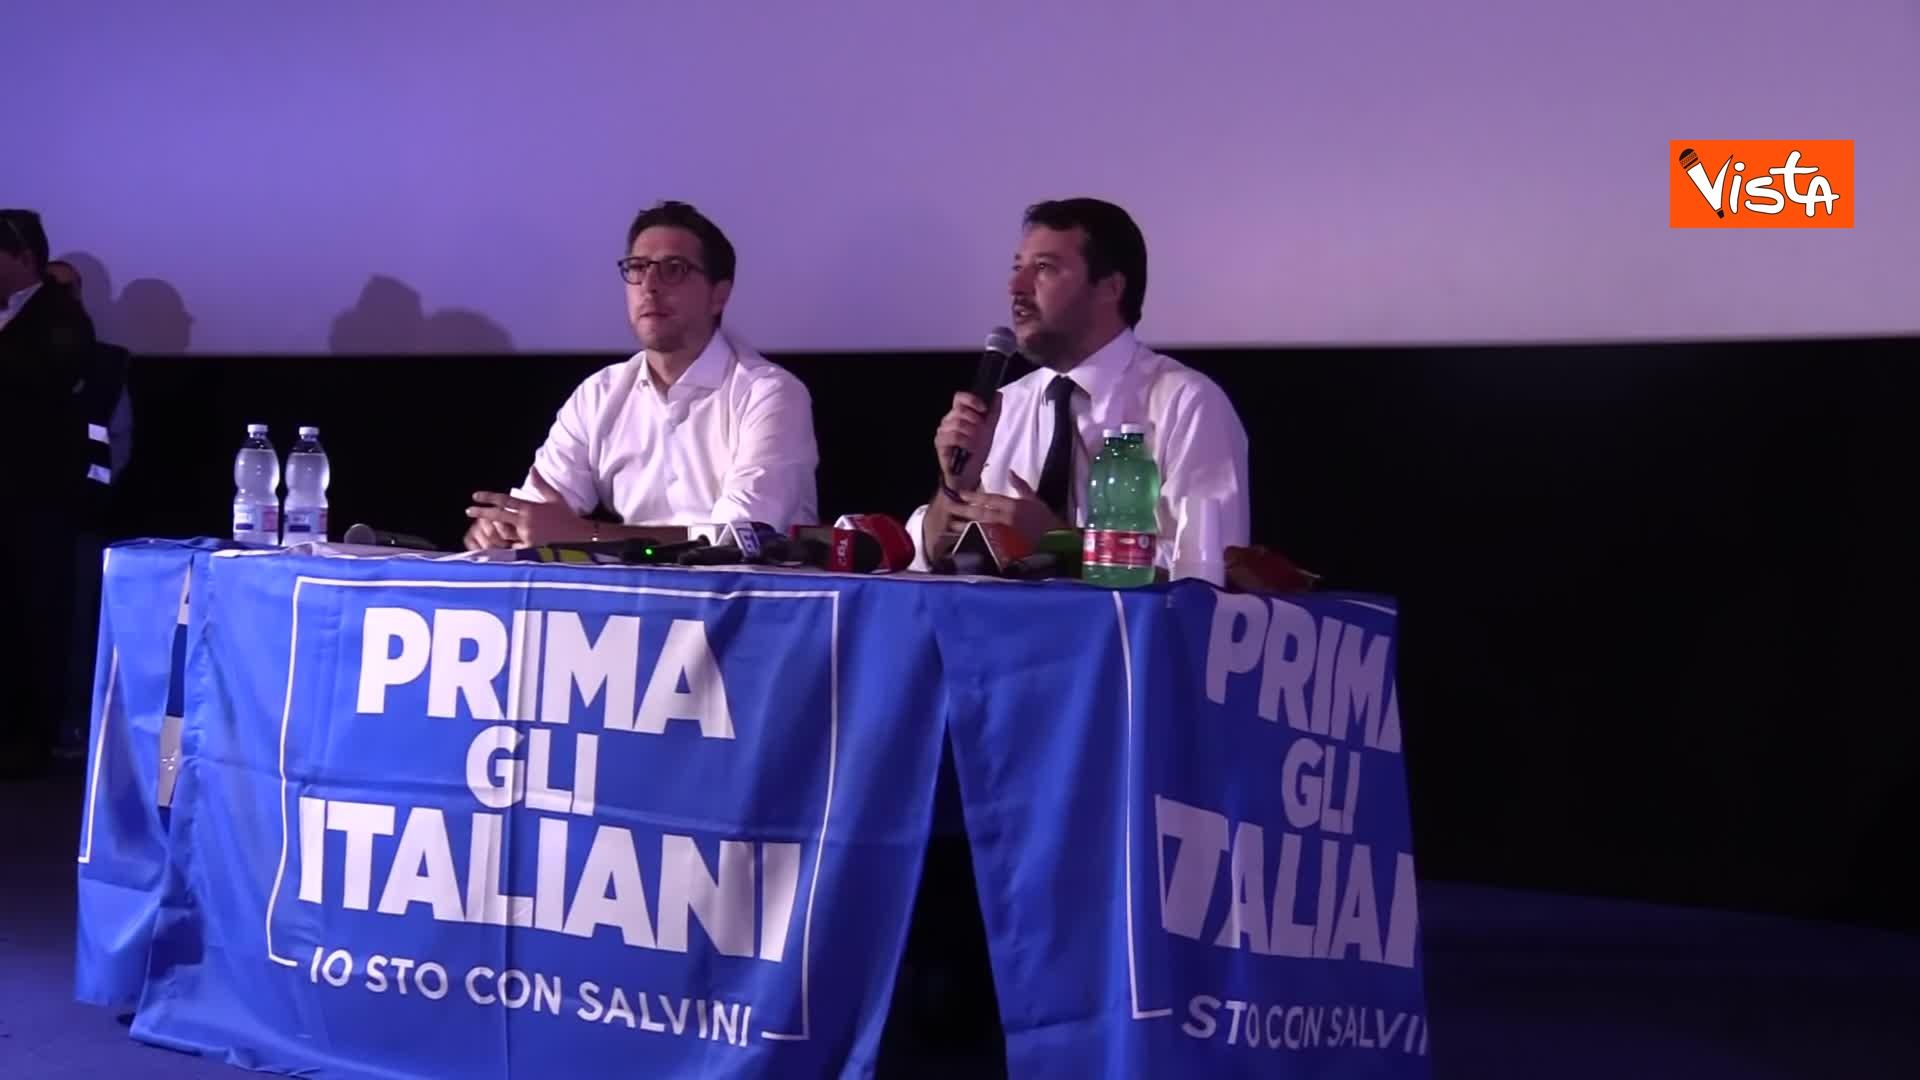 05-11-19 Salvini presenta la campagna elettorale in Campania, le immagini_02